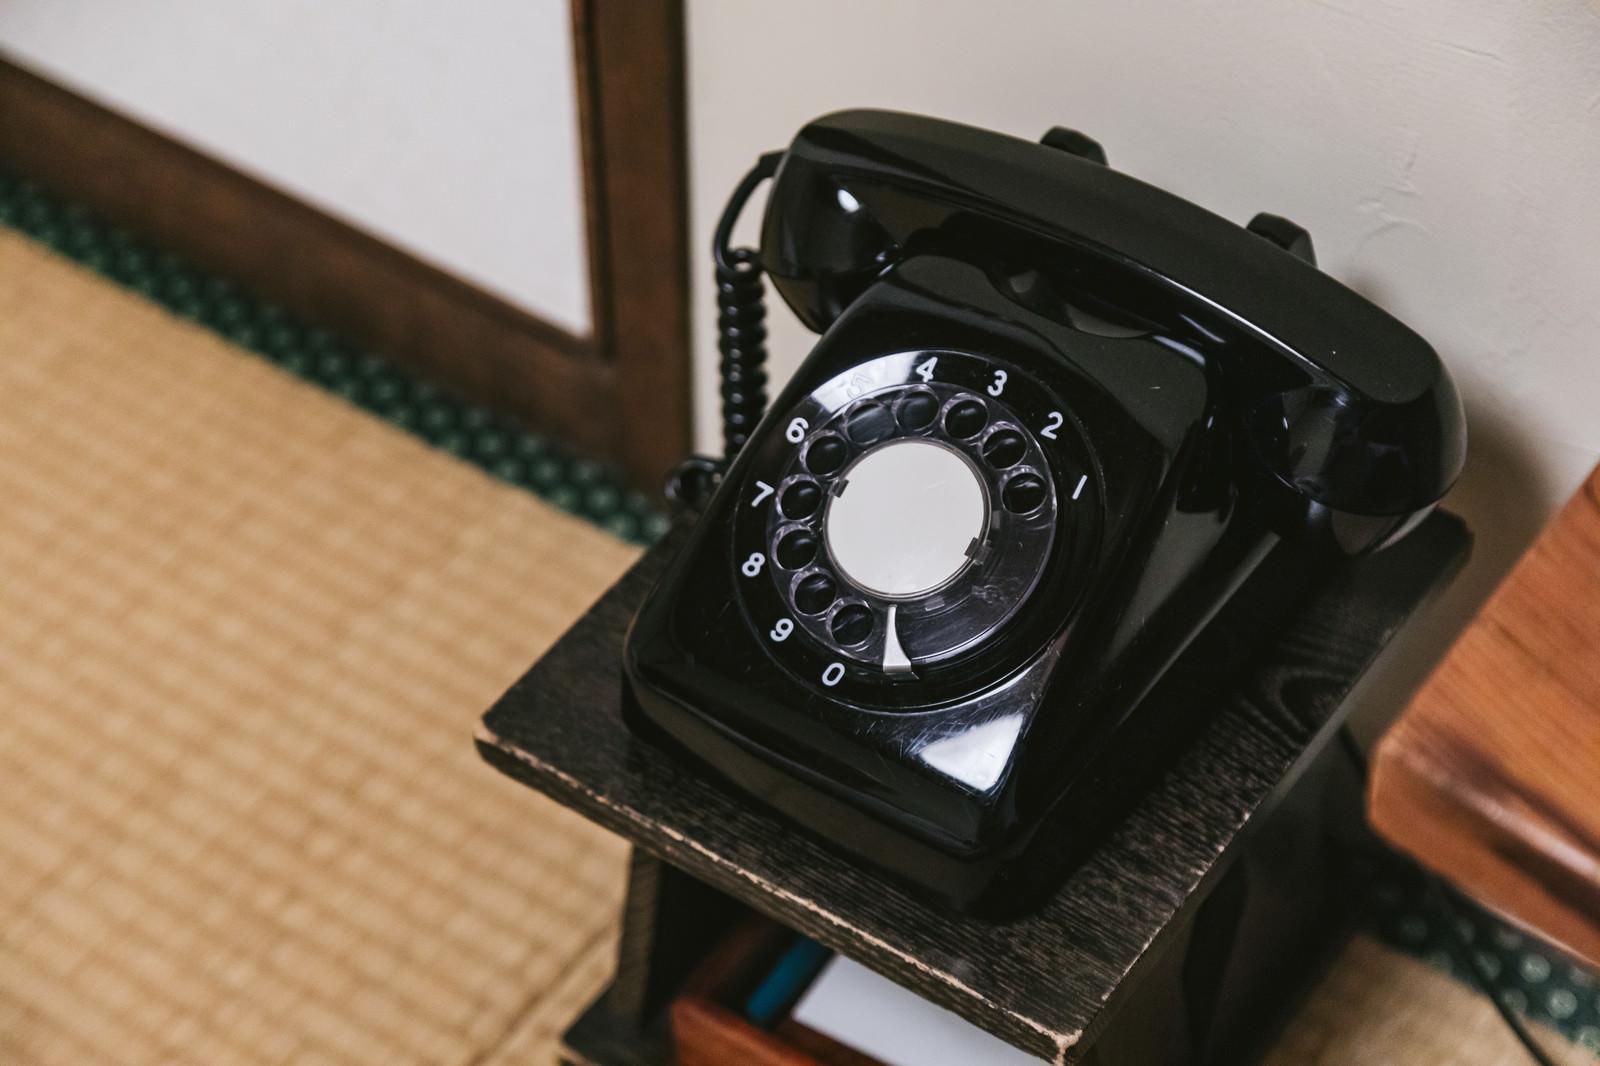 「和室の片隅に置かれた黒電話」の写真